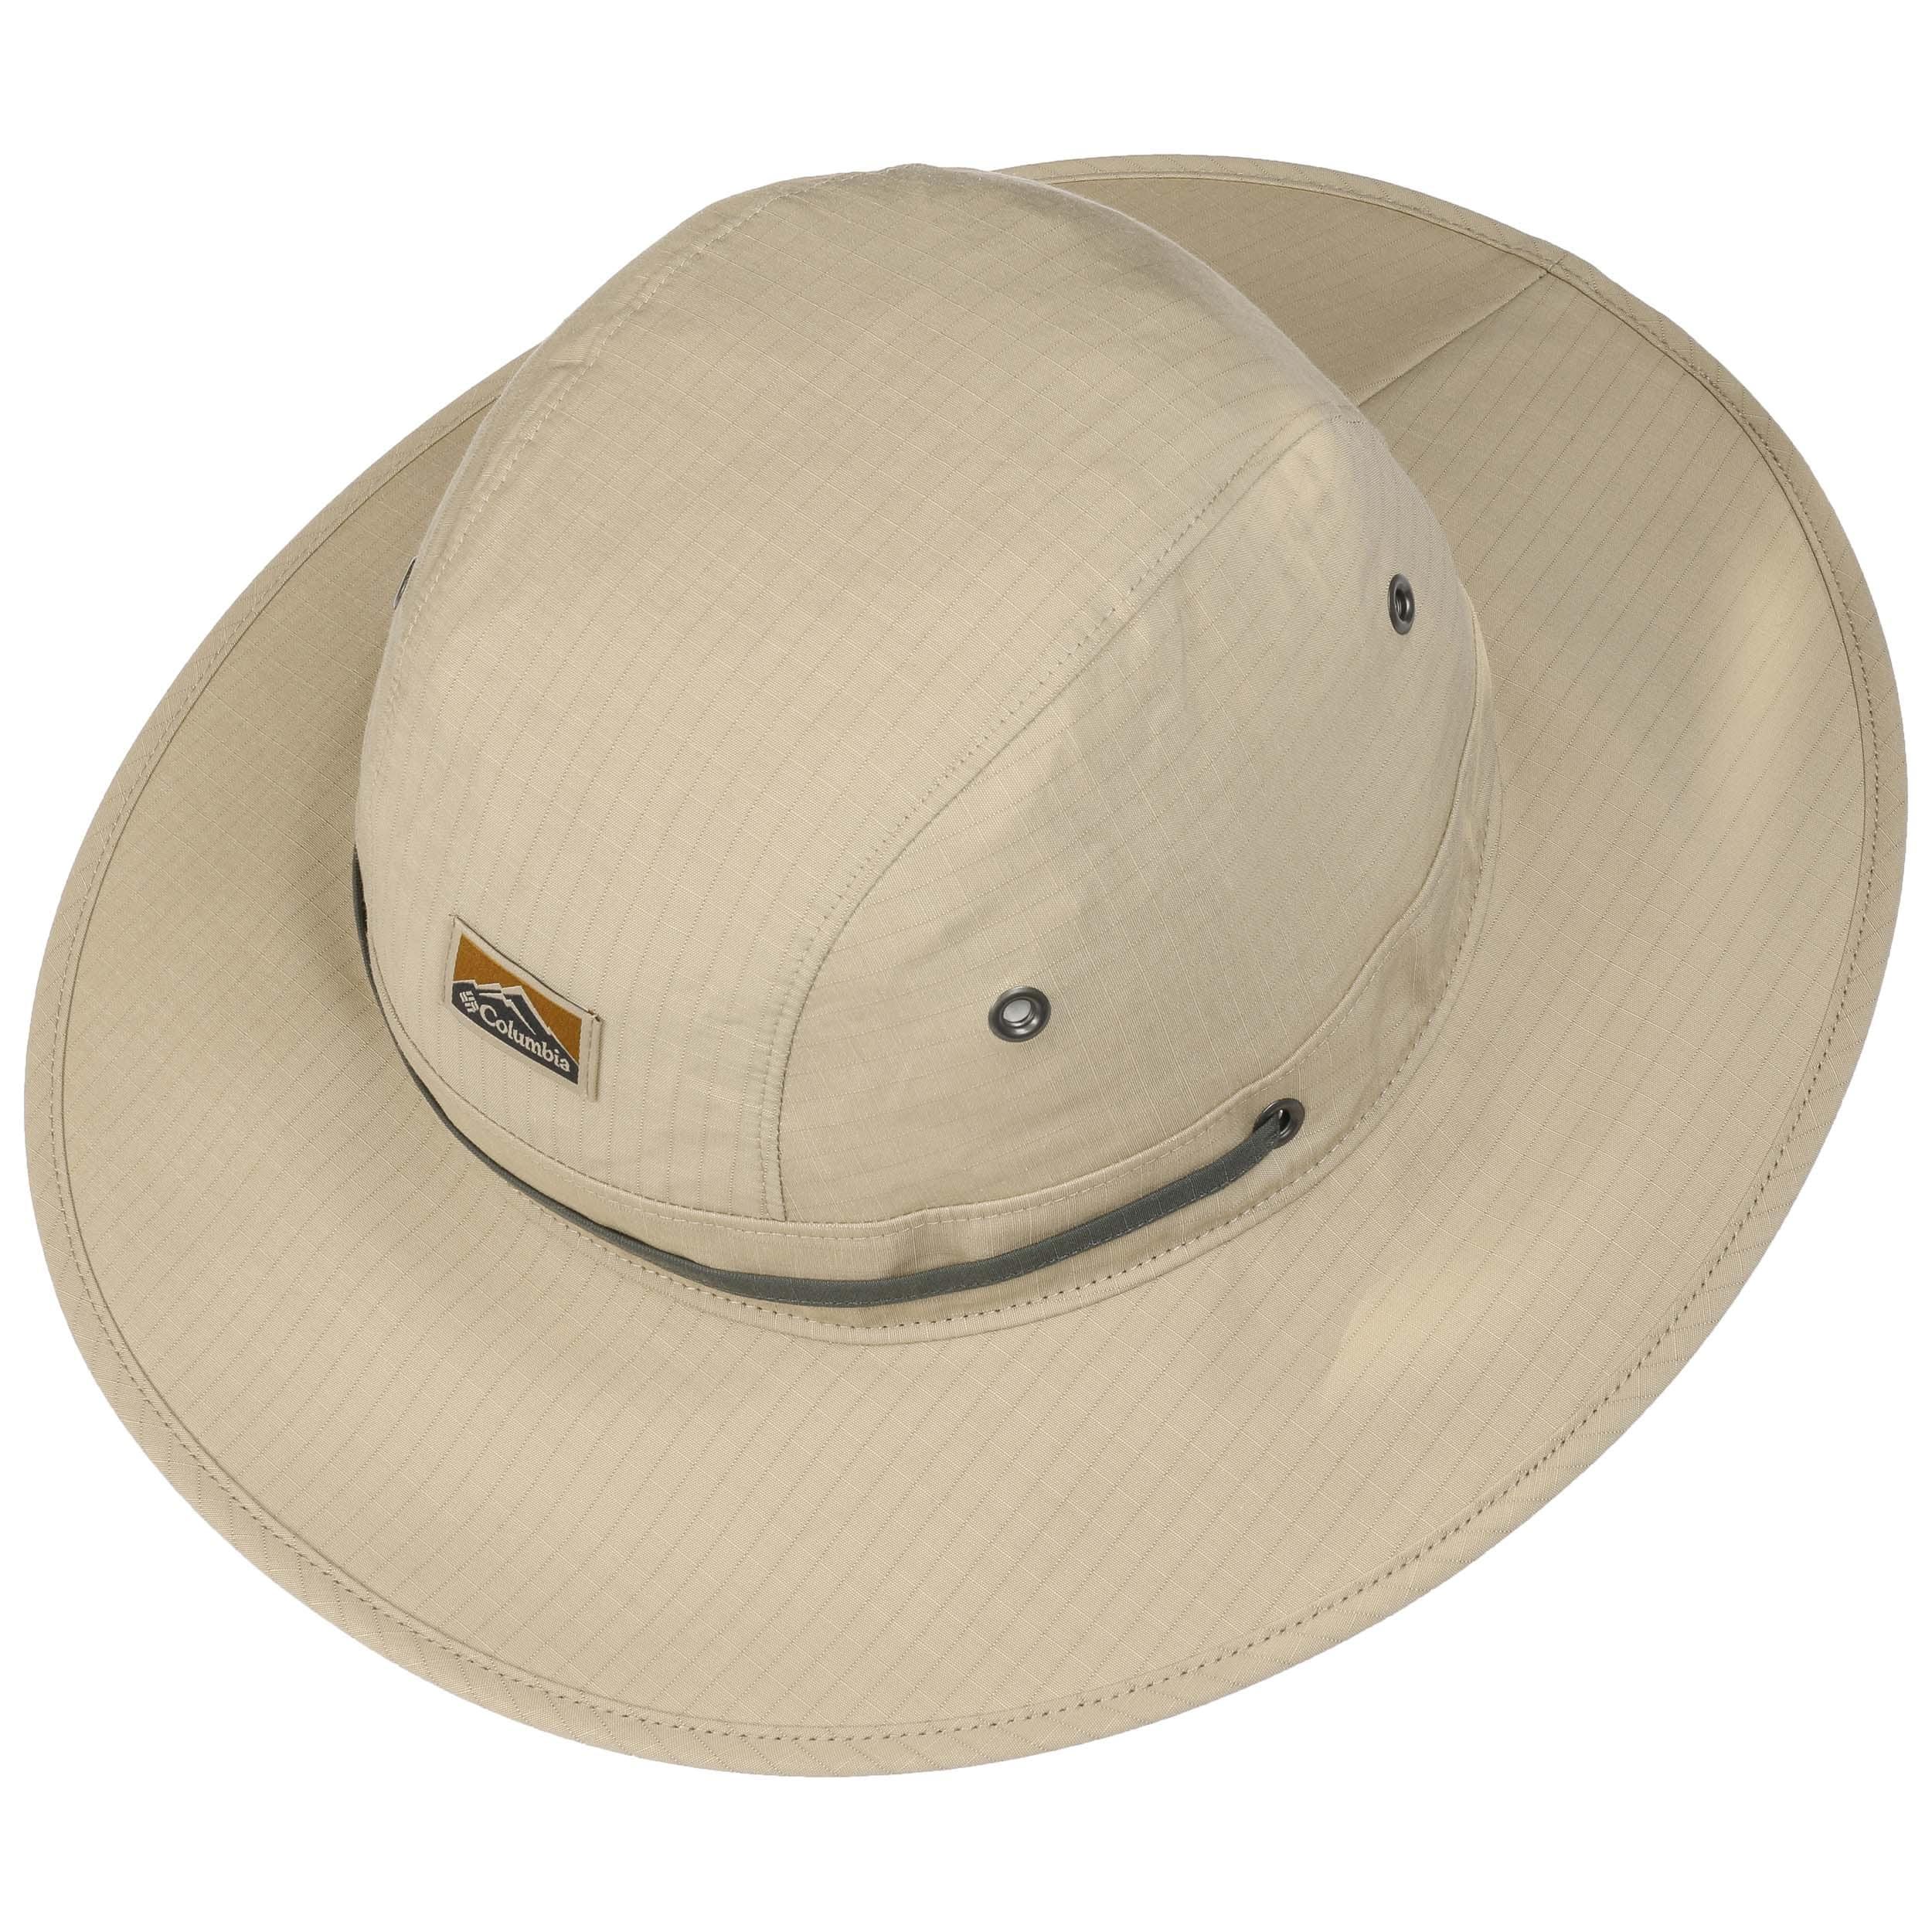 Sombrero Trail Shaker Booney by Columbia - Sombreros - sombreroshop.es 10b707a34456